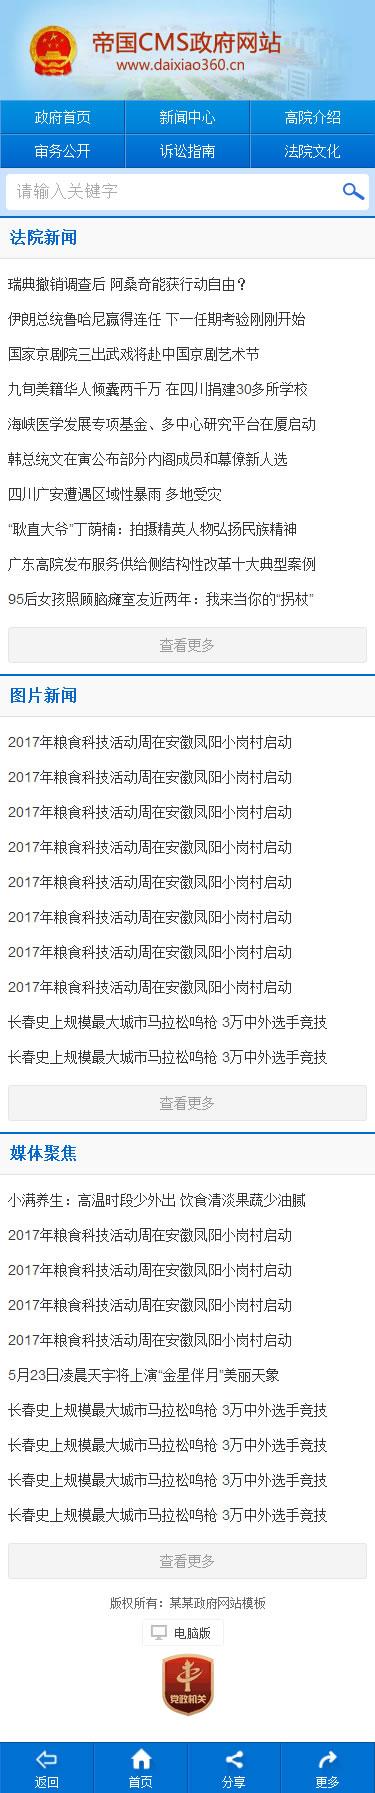 帝国CMS政府部门网站手机模板机关党建网站WAP模板可以改颜色_封面模板